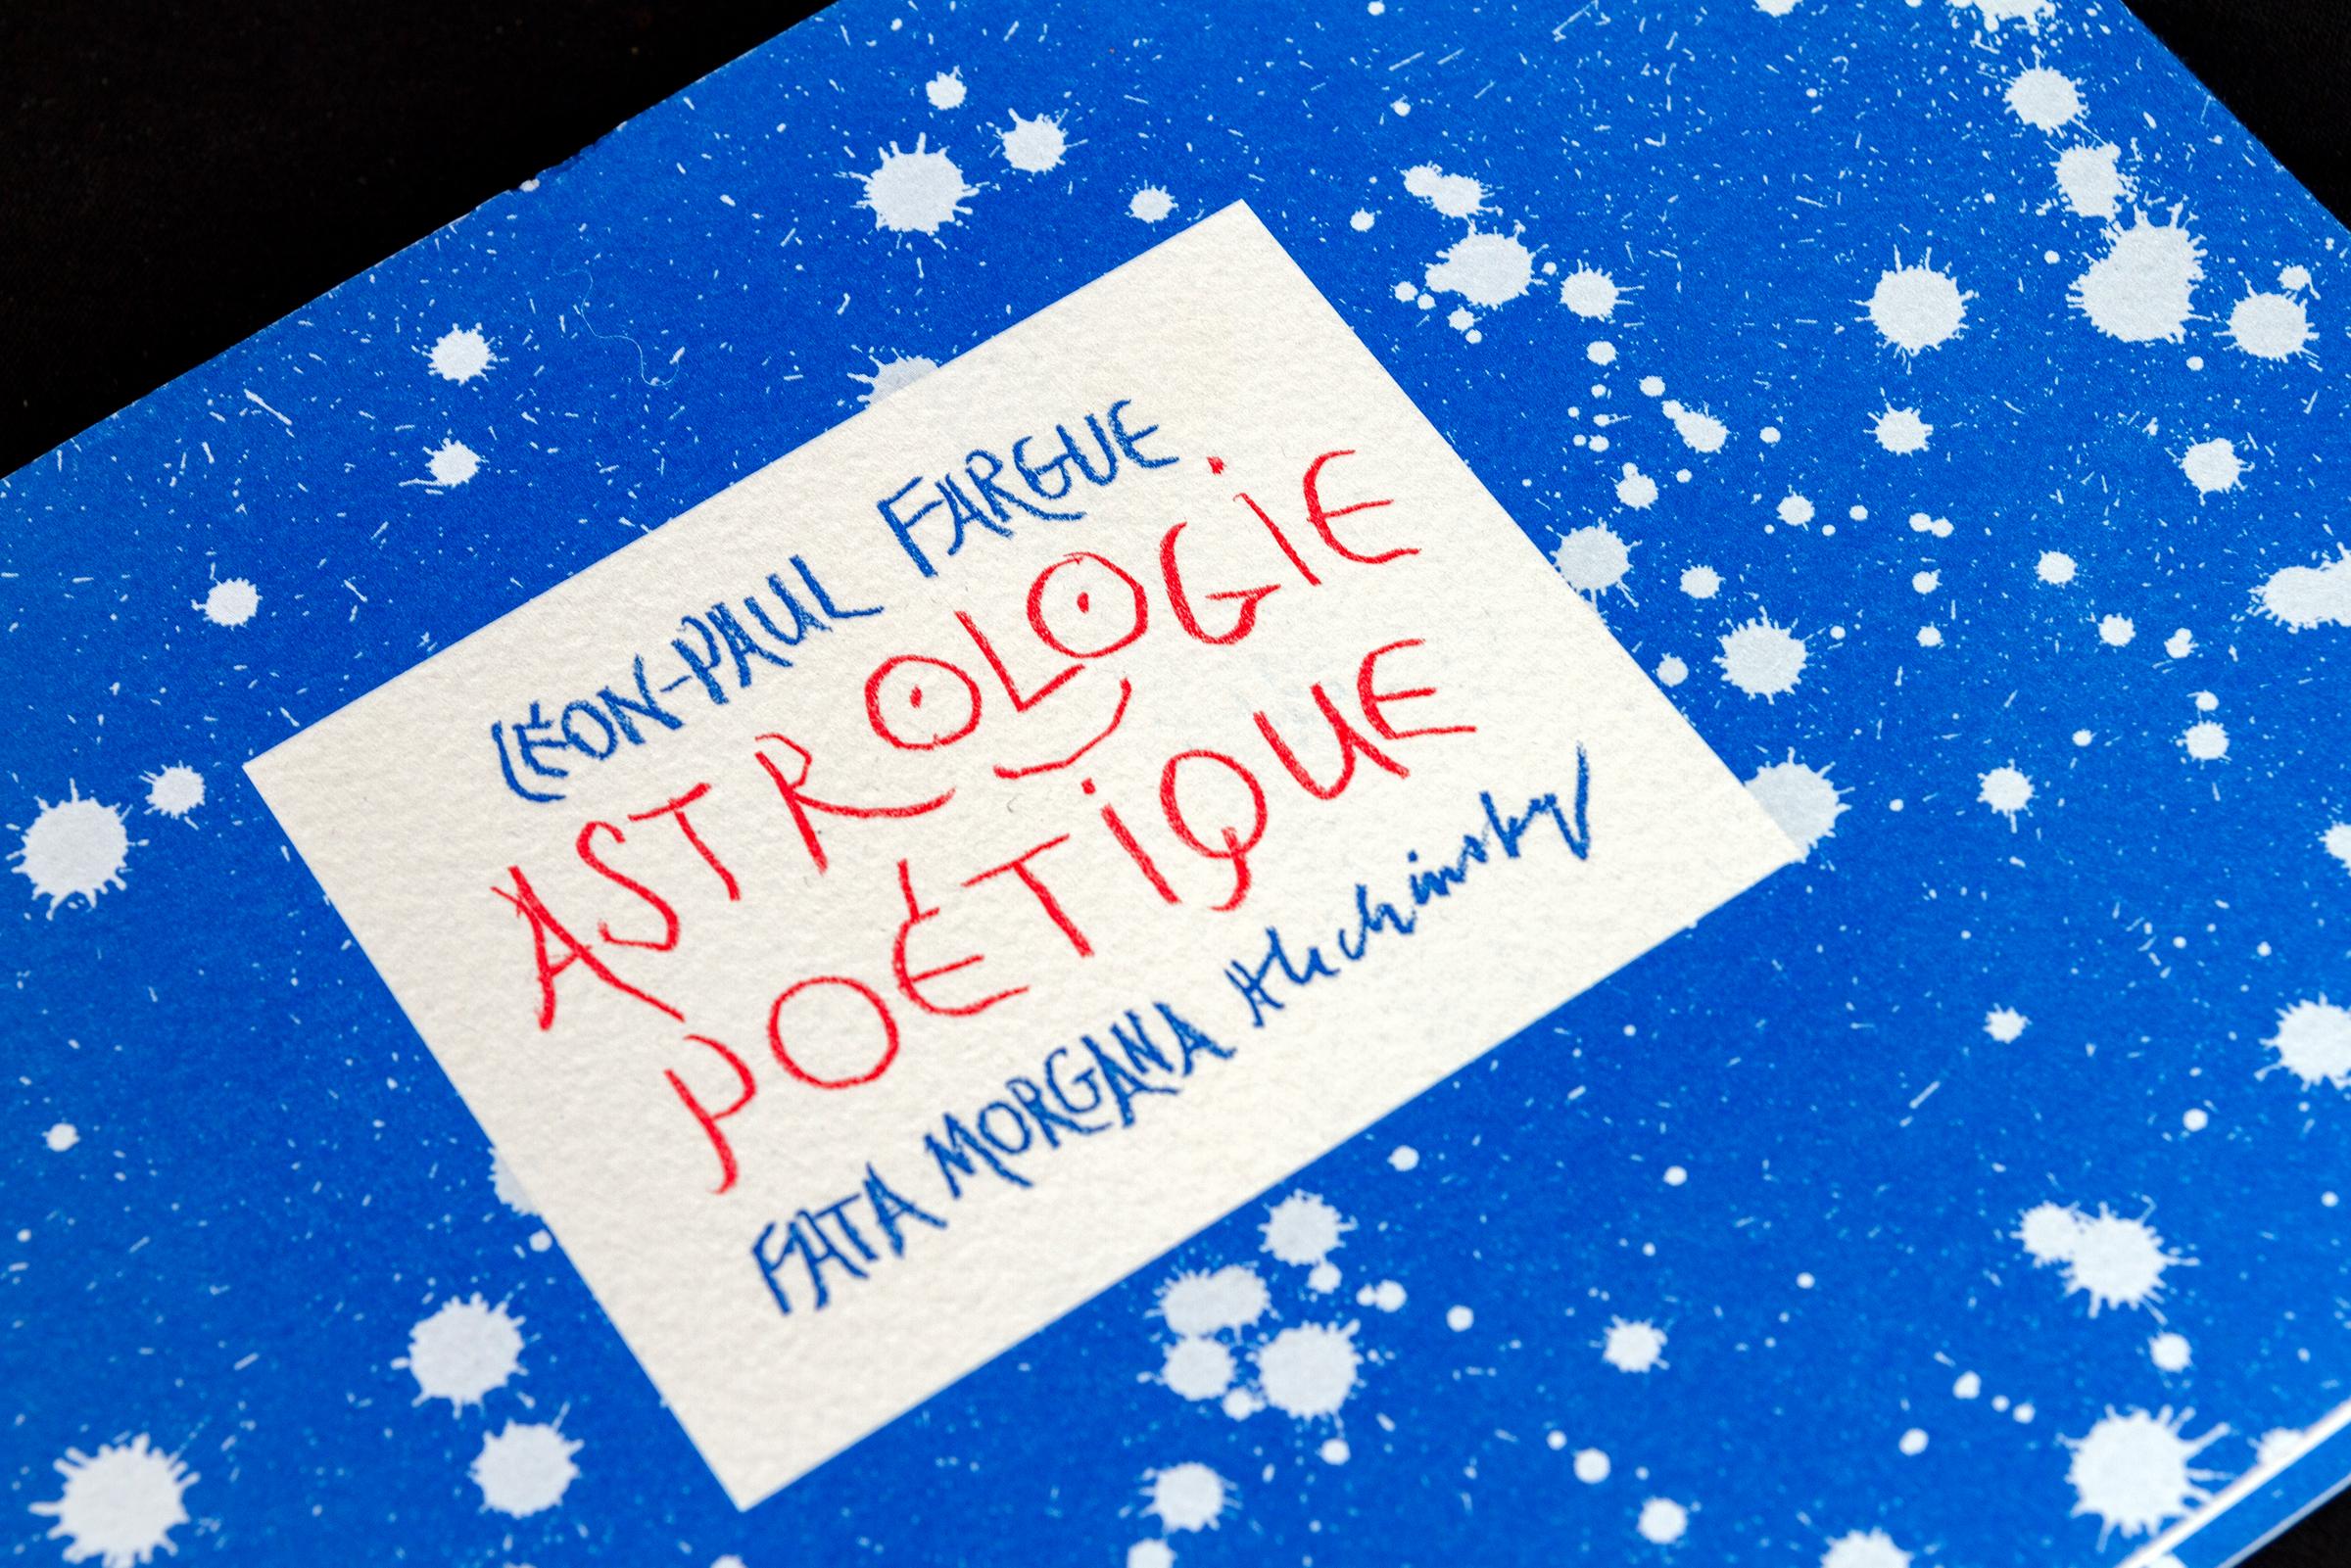 Astrologie Poétique - Fata Morgana